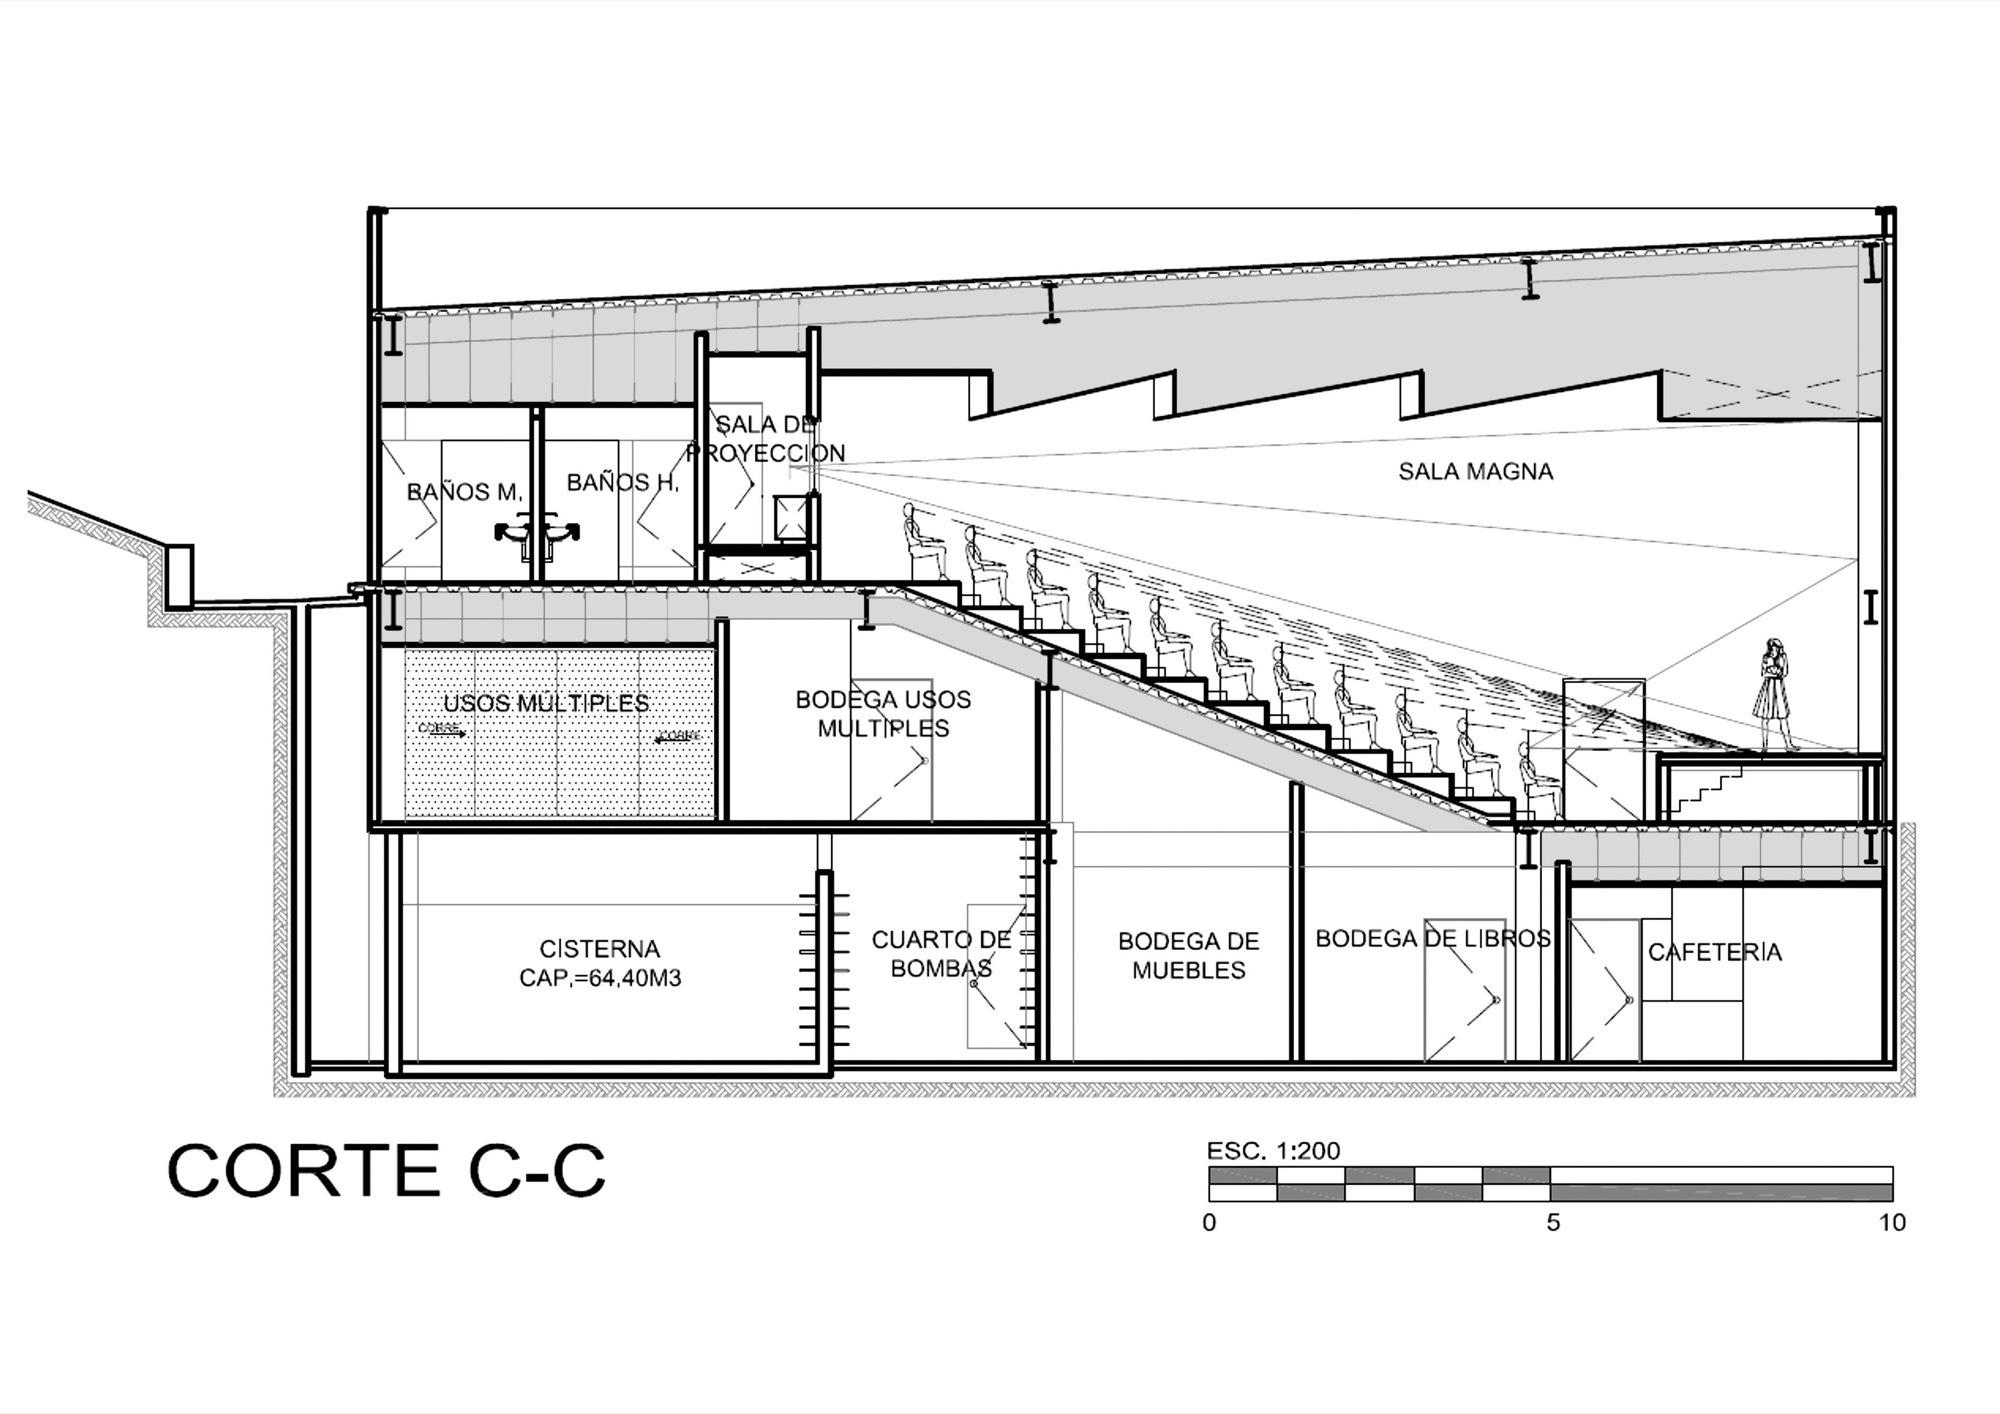 Galer a de biblioteca central uaem rec arquitectura 30 for Biblioteca arquitectura